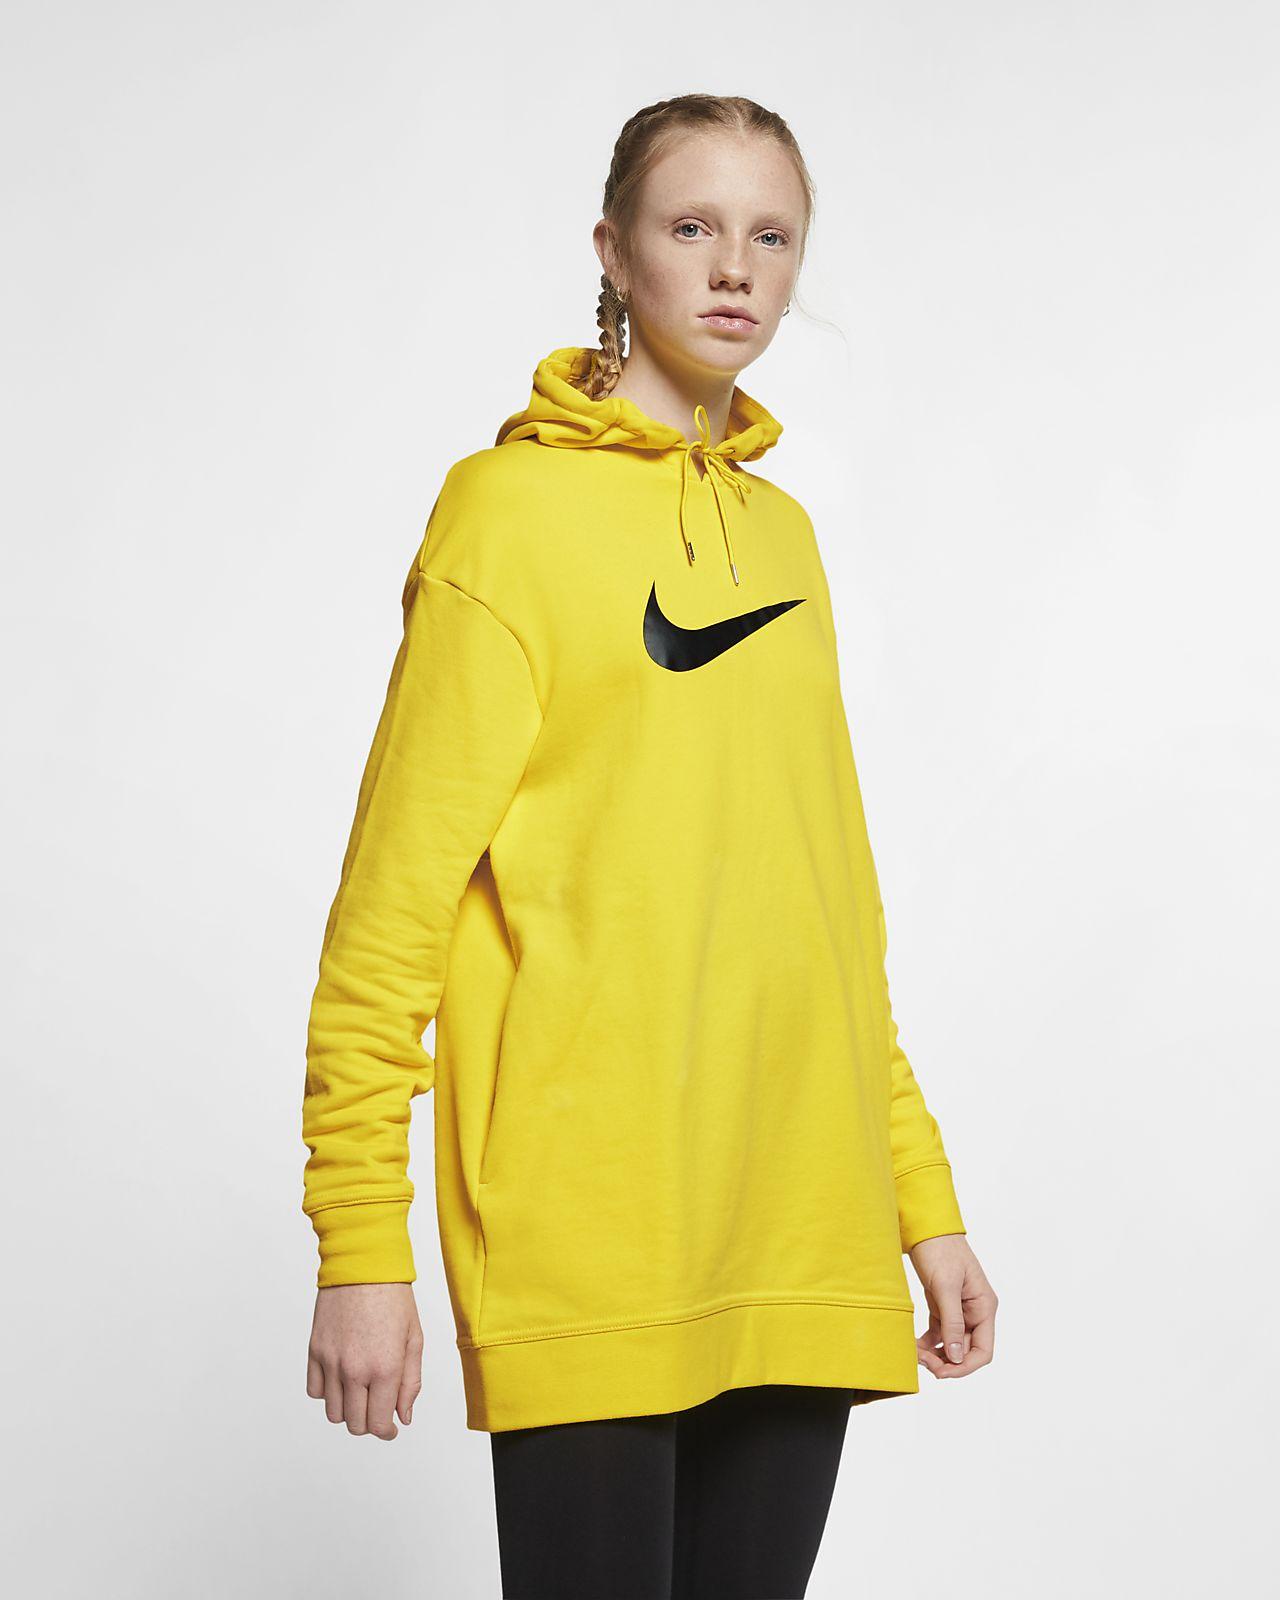 Nike Sportswear Swoosh Fransız Havlu Kumaşı Kadın Kapüşonlu Üst